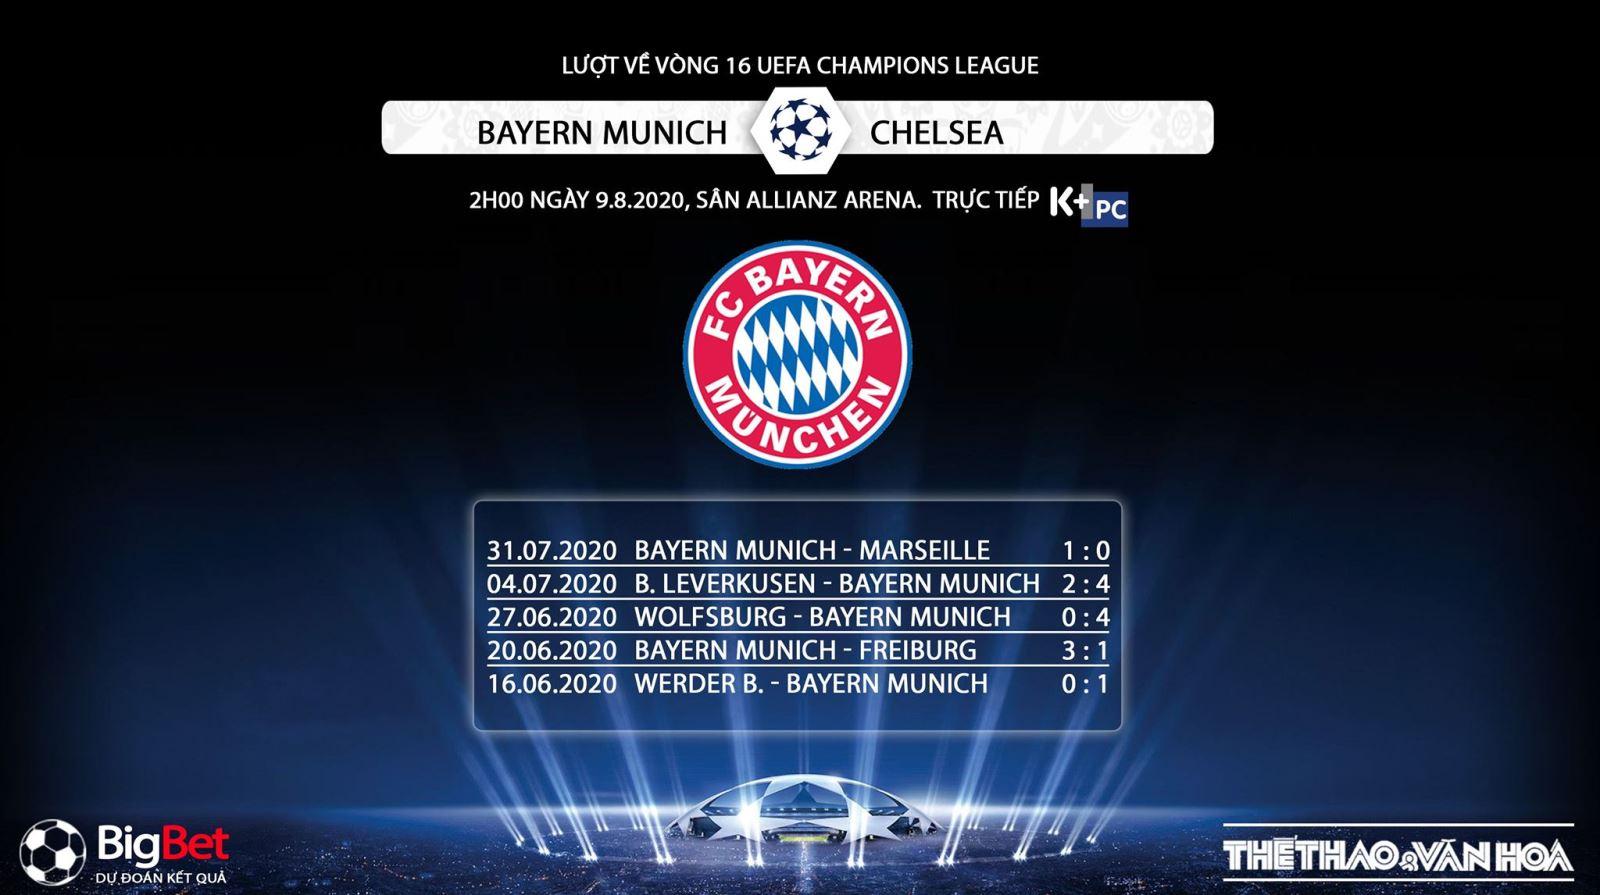 Bayern Munich vs Chelsea, Bayern Munich, Chelsea, trực tiếp bóng đá, trực tiếp Bayern Munich vs Chelsea, soi kèo Bayern Munich vs Chelsea, nhận định Bayern Munich vs Chelsea